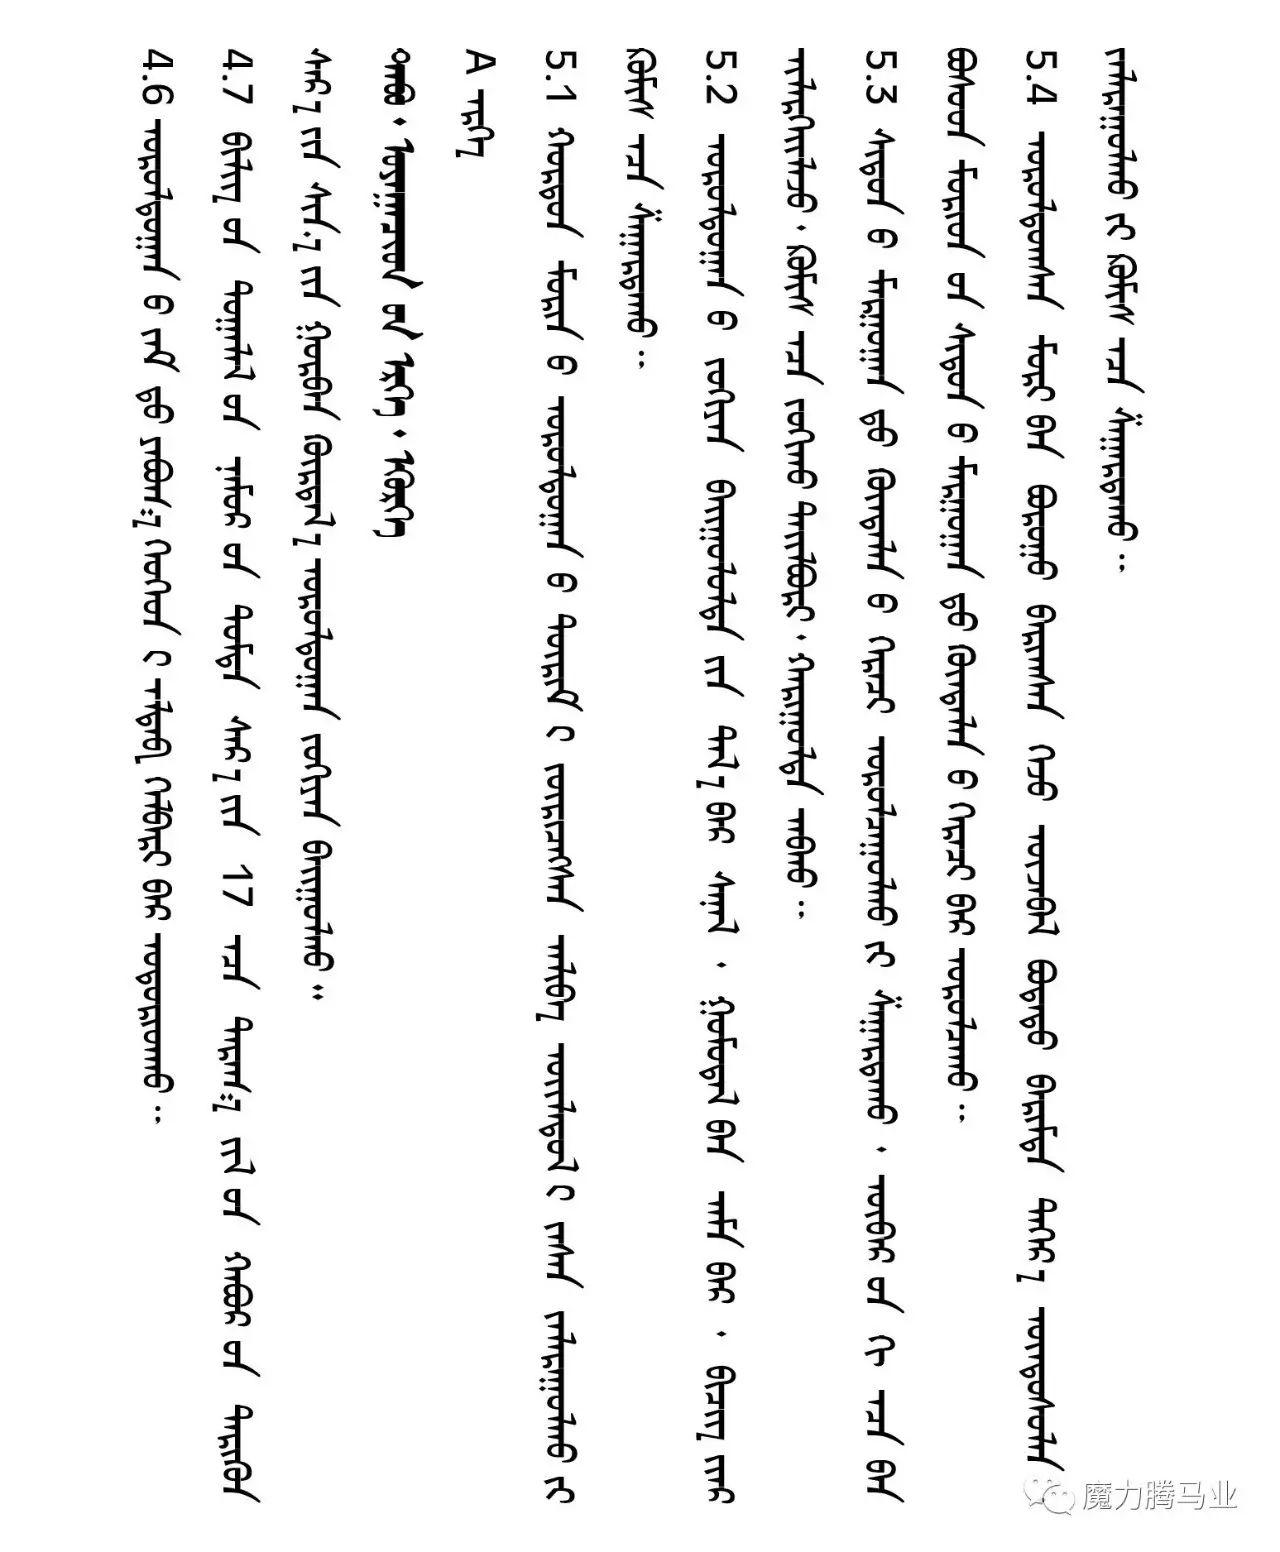 蒙古国赛马章程介绍 第31张 蒙古国赛马章程介绍 蒙古文库